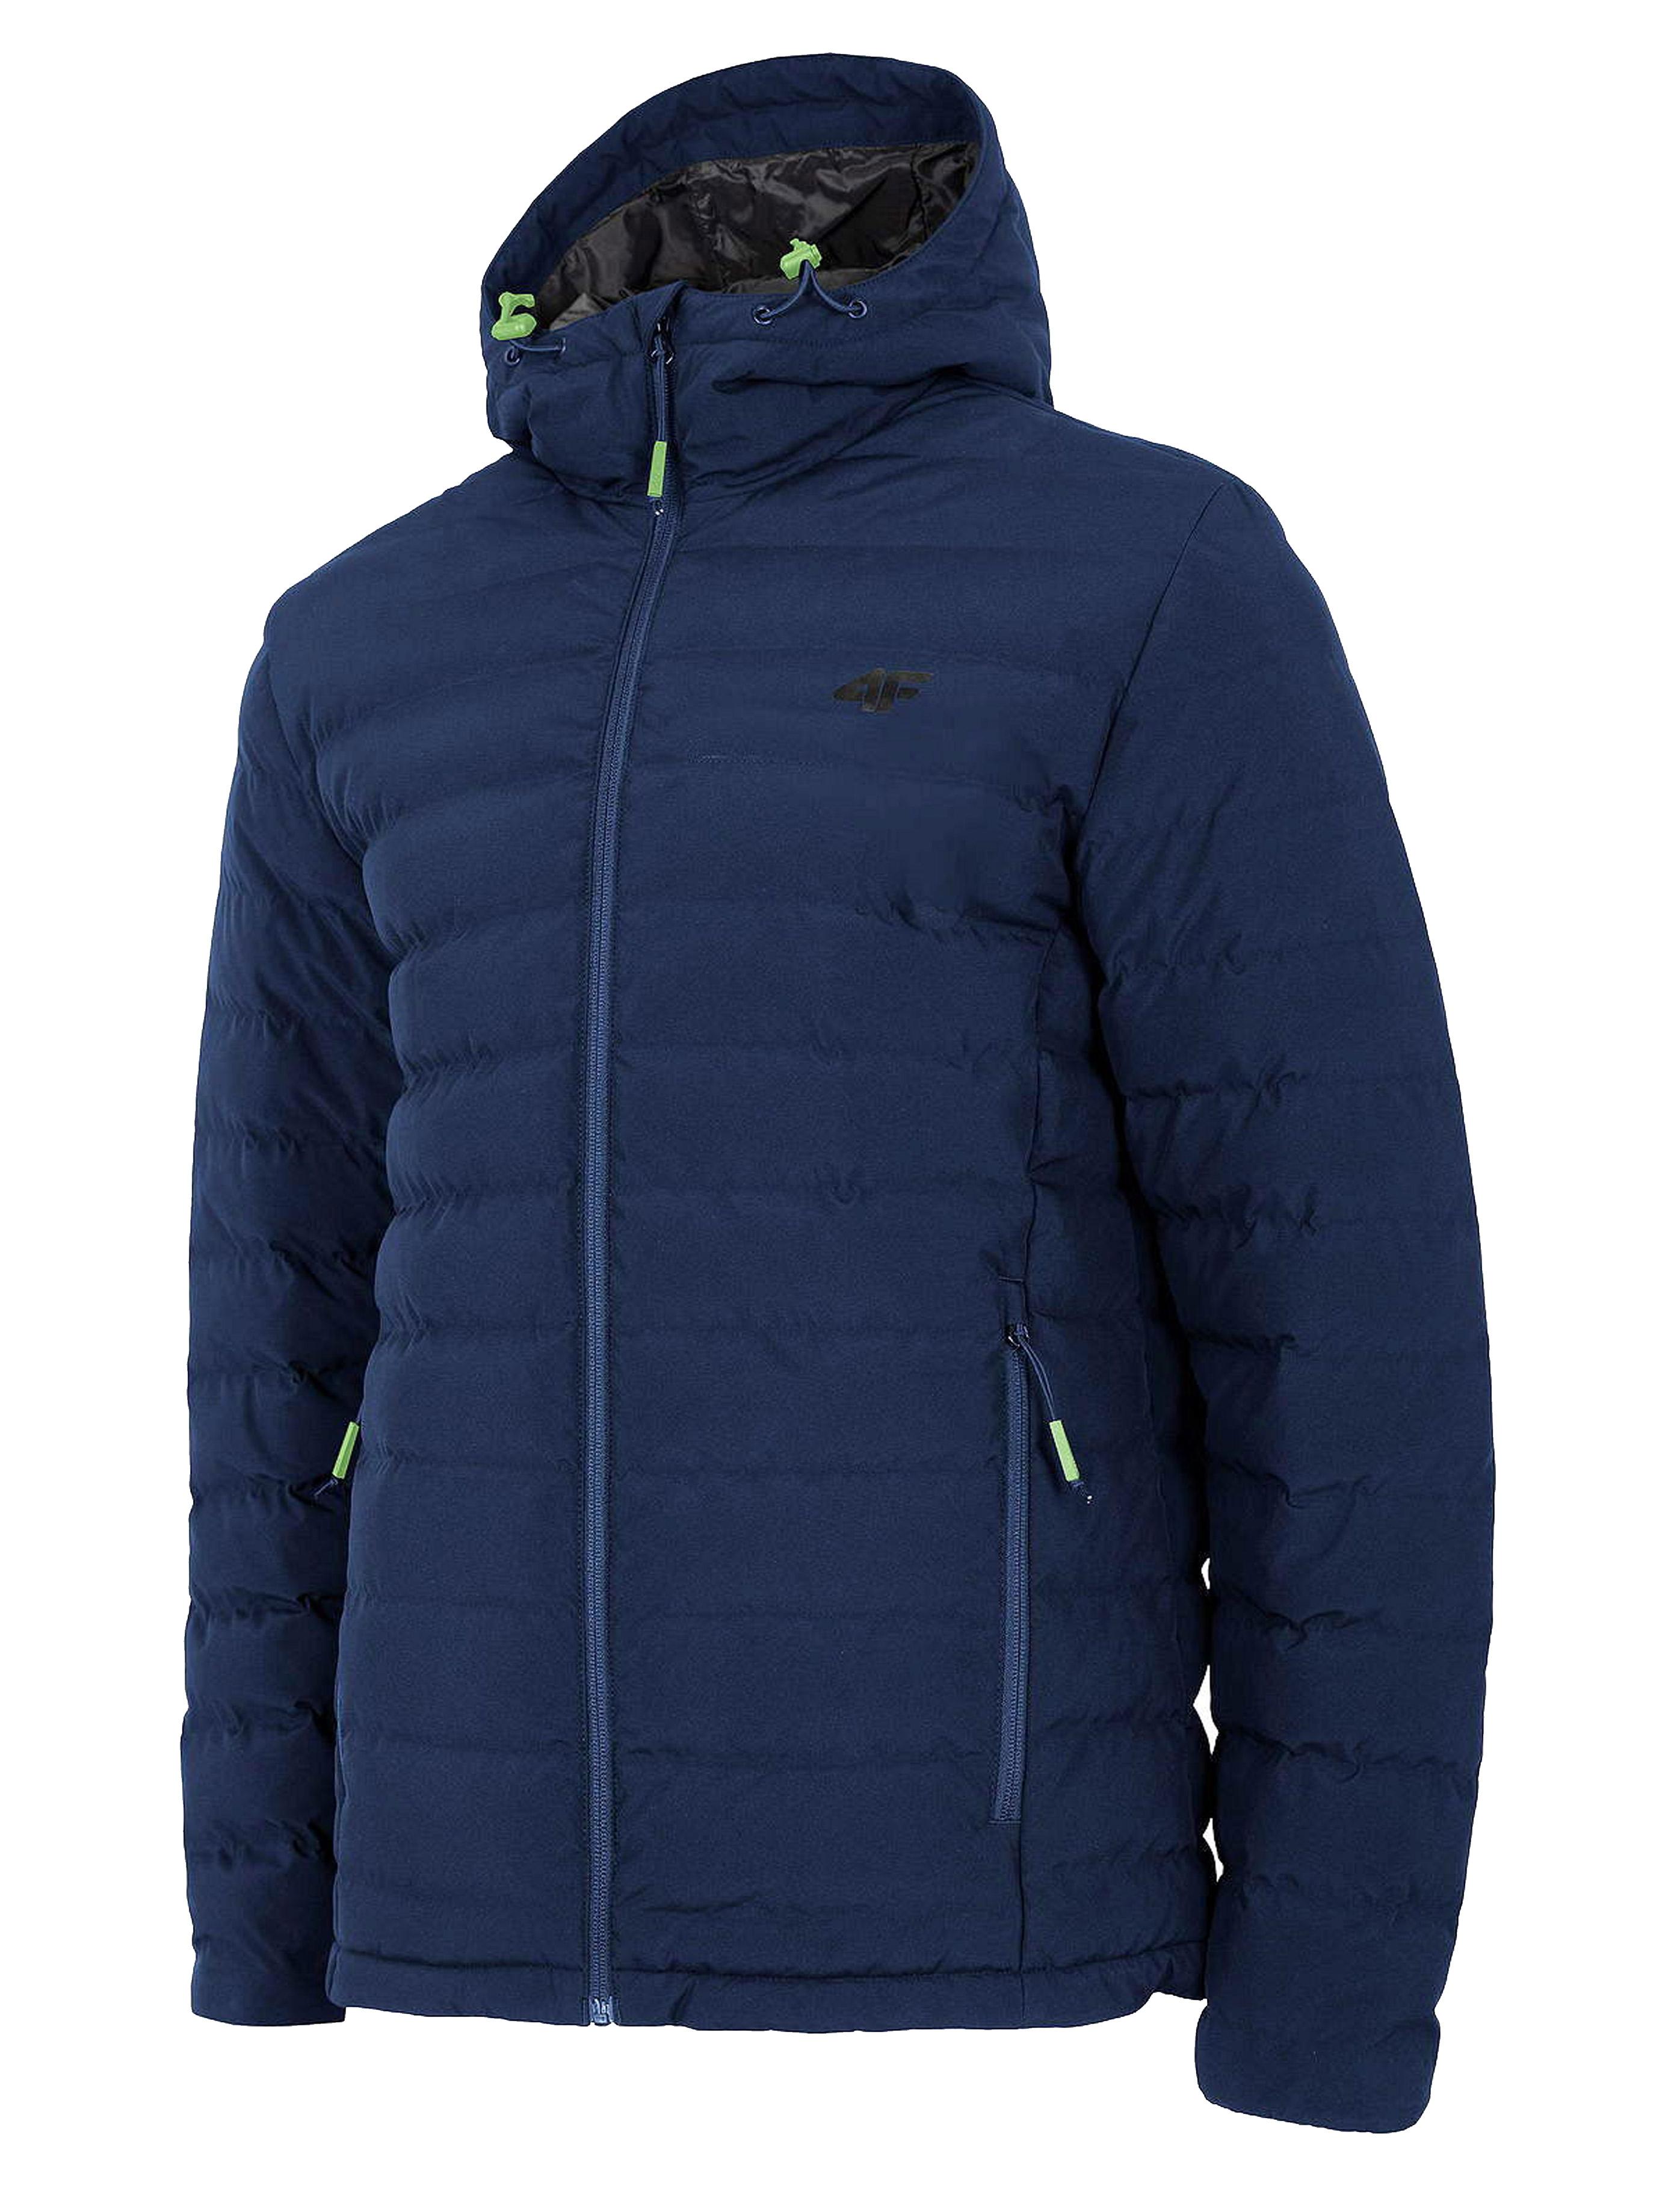 ג'קט ומעיל פור אף לגברים 4F Dominant - כחול